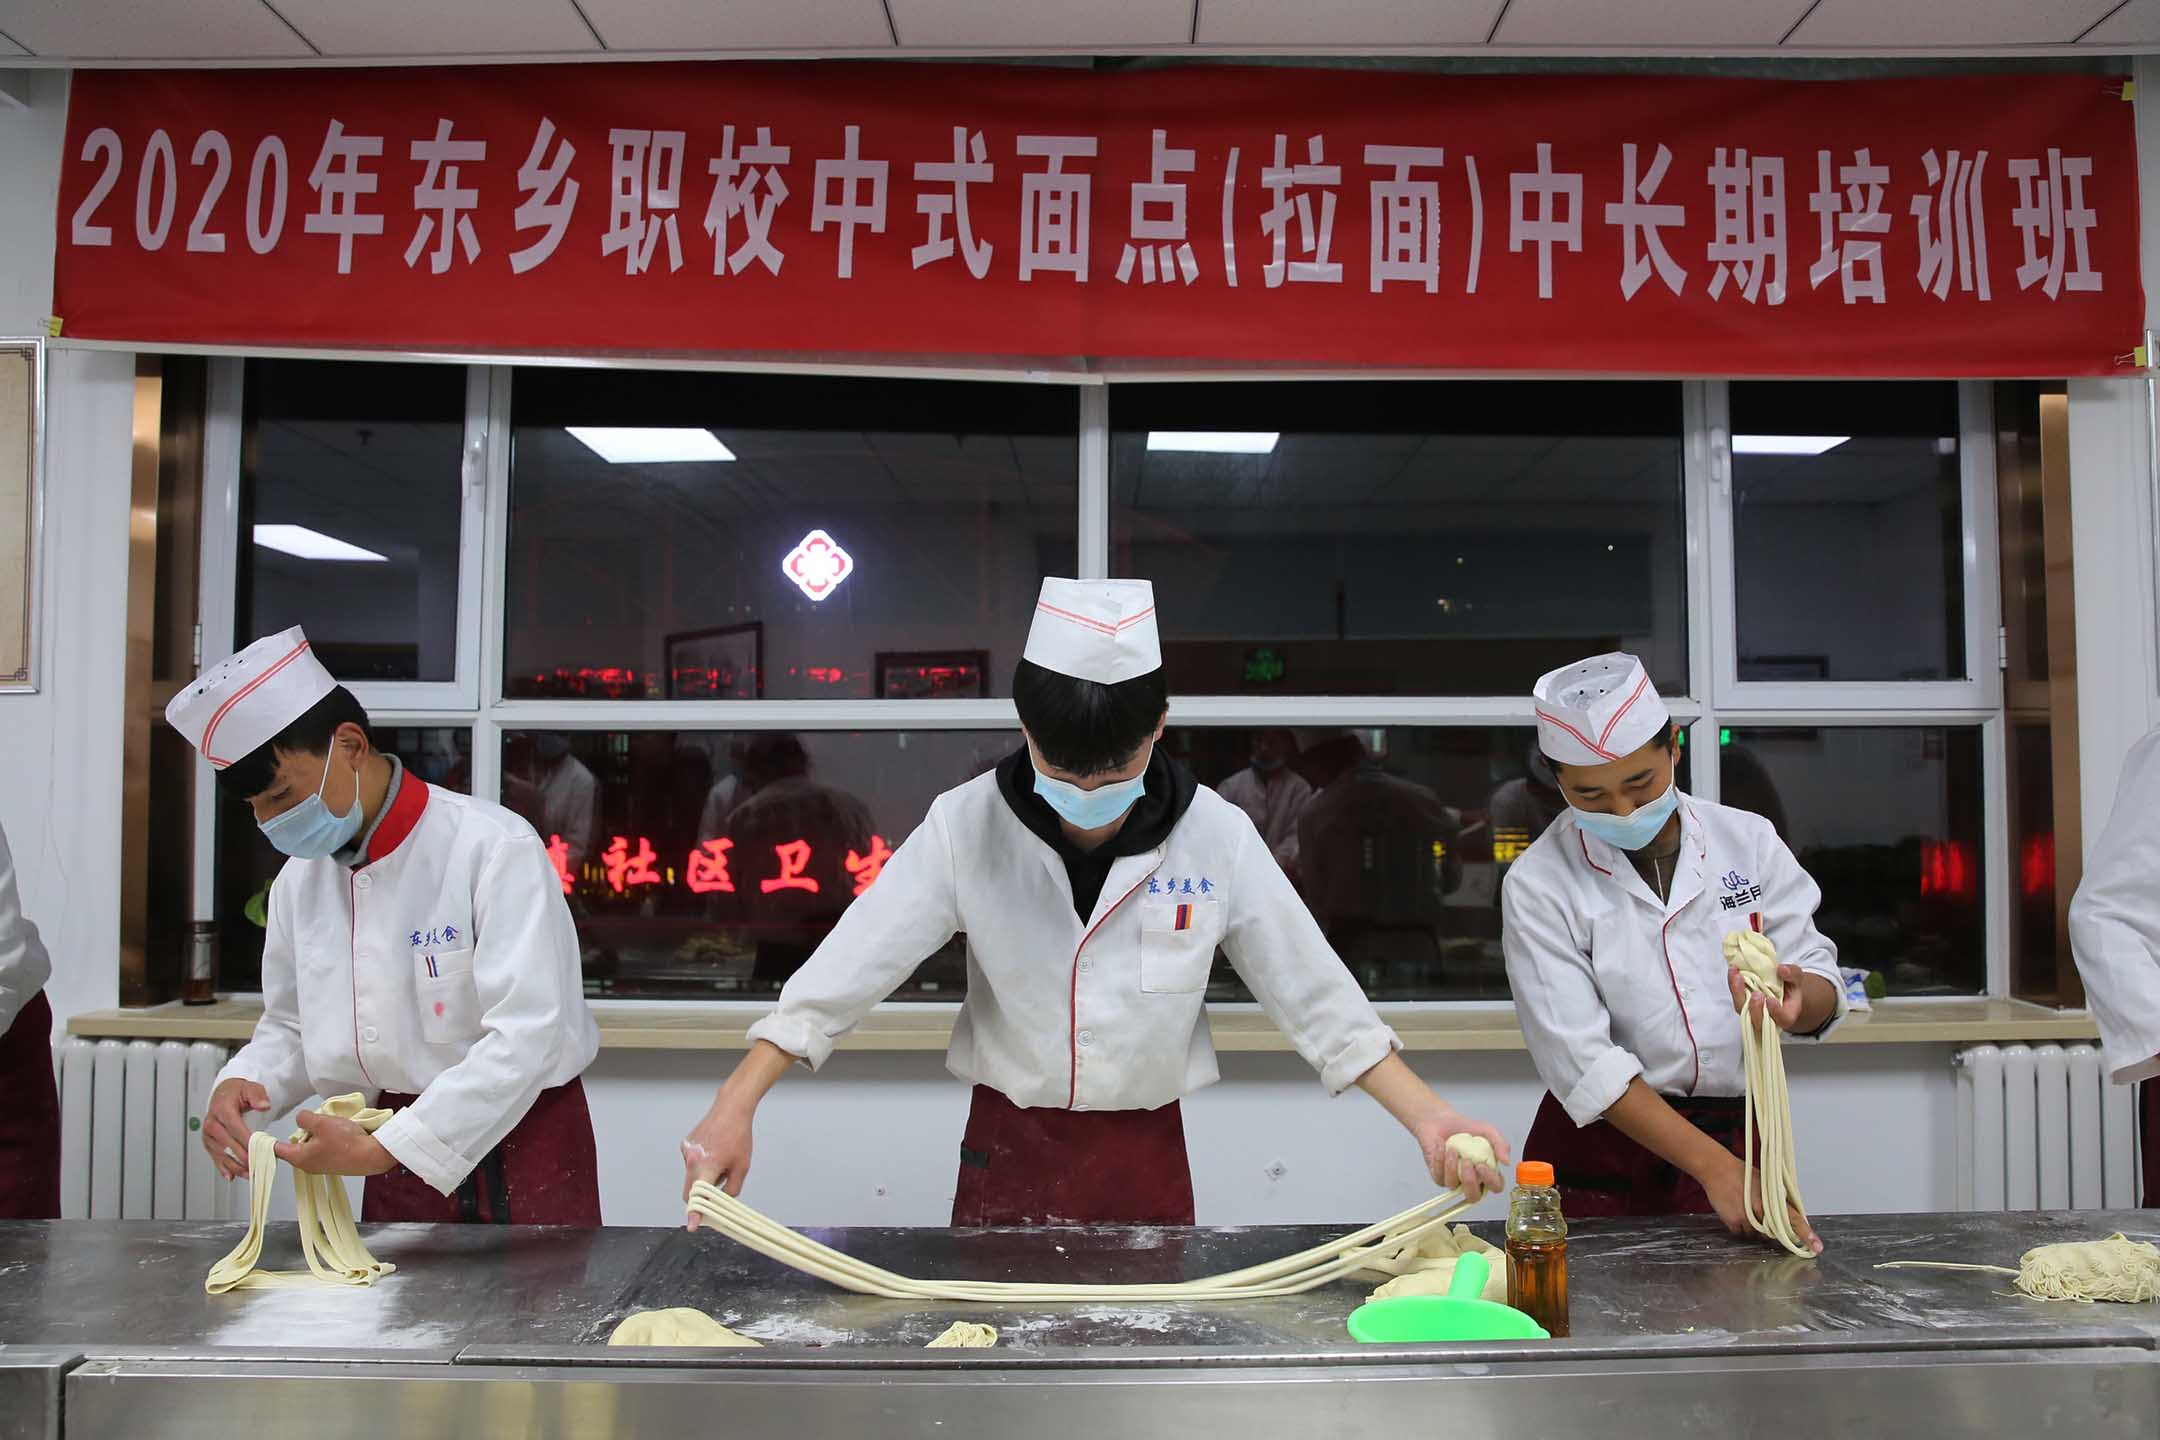 2020年11月12日甘肅省臨夏回族自治區,學生在一所職業學校學習。